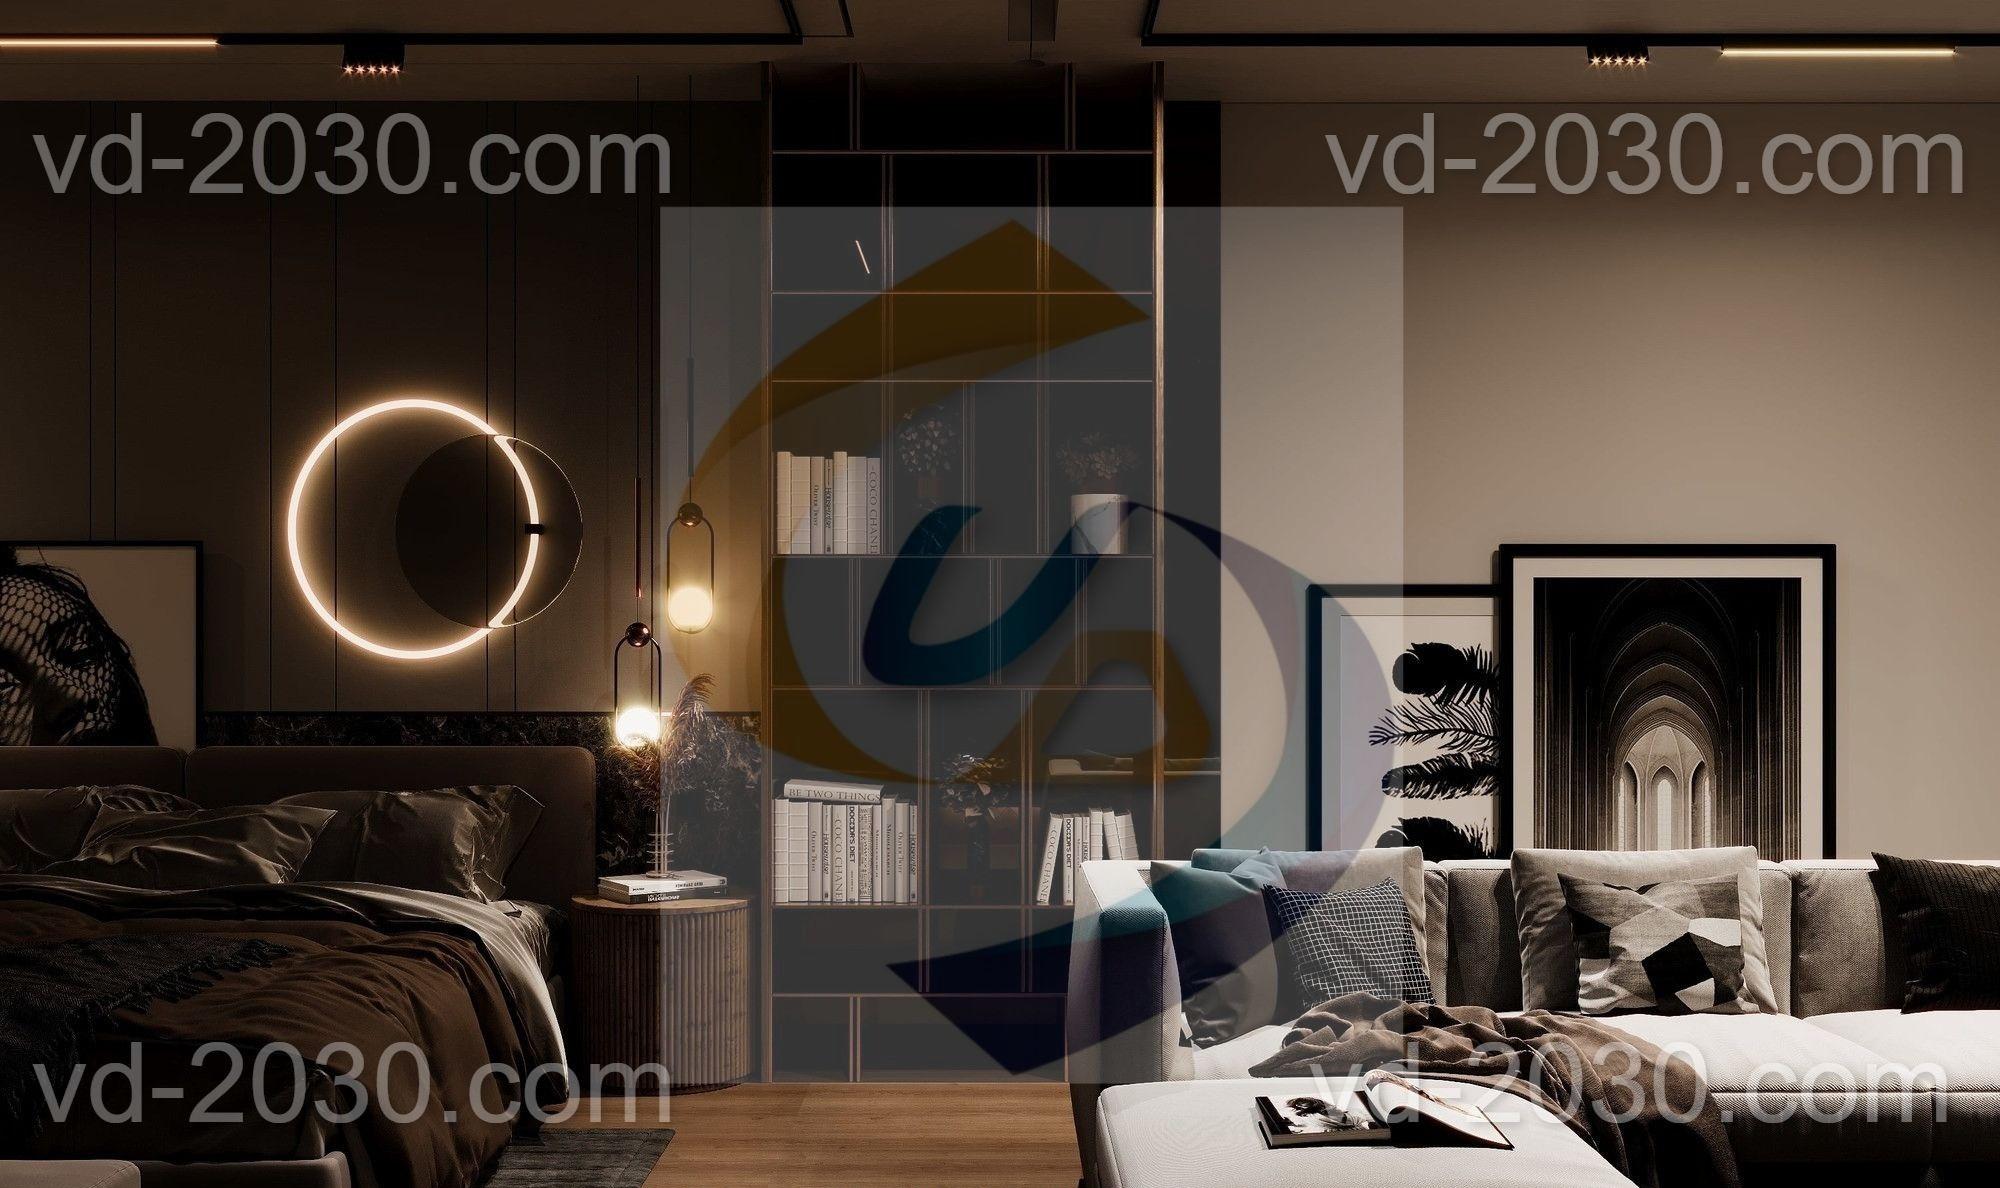 غرفة نوم  مشروع الغامدي - vision dimensions - ابعاد الرؤية